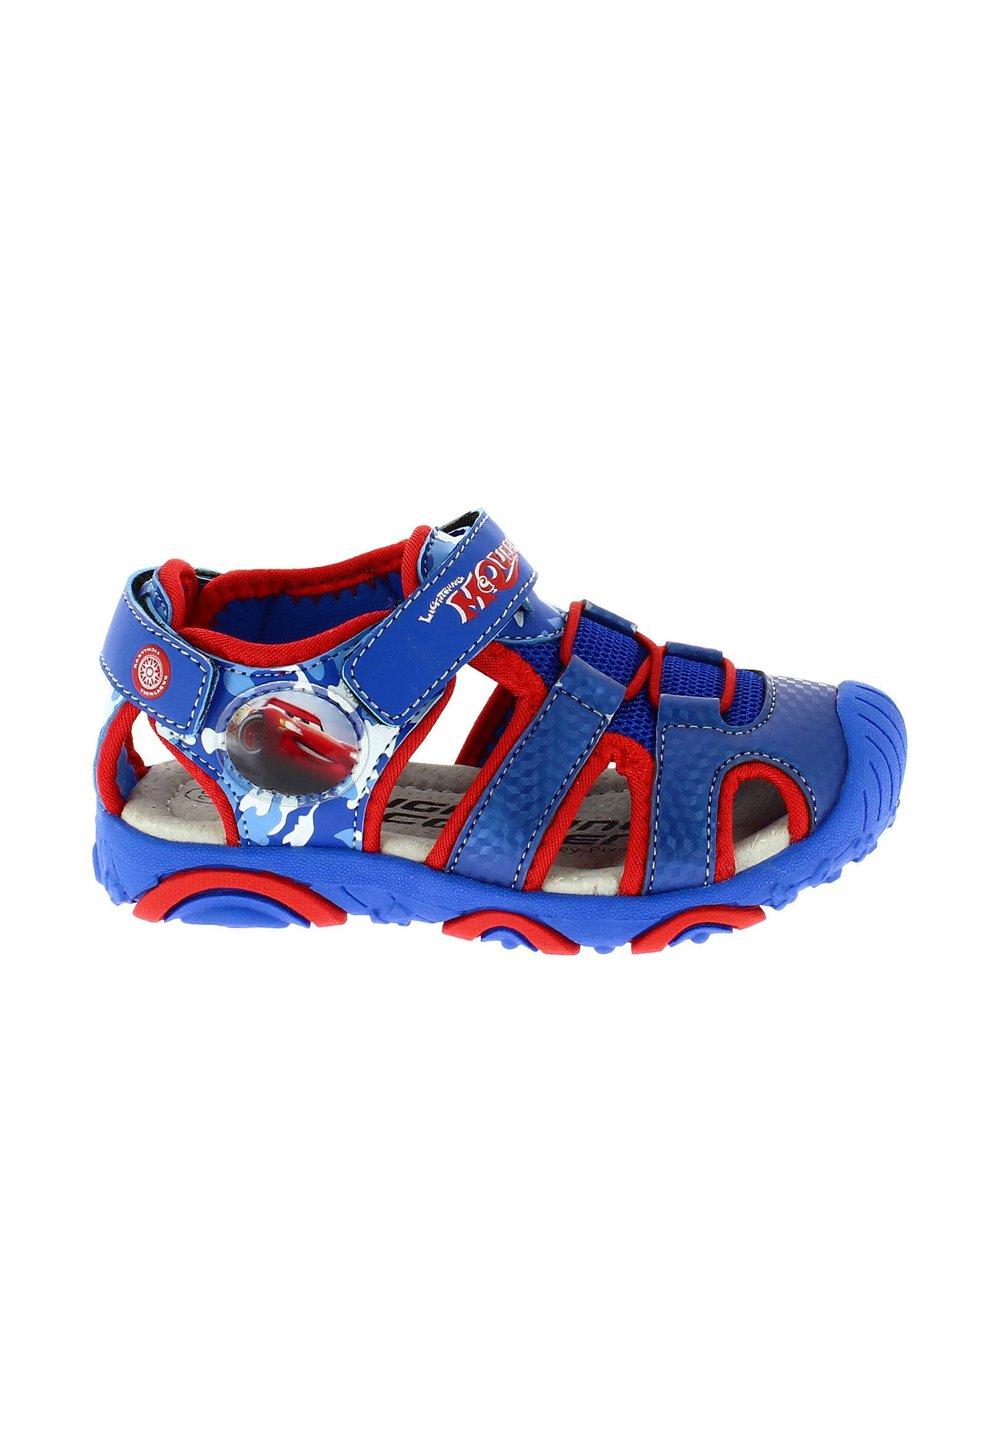 Sandale cu siret, albastru cu rosu, Cars imagine